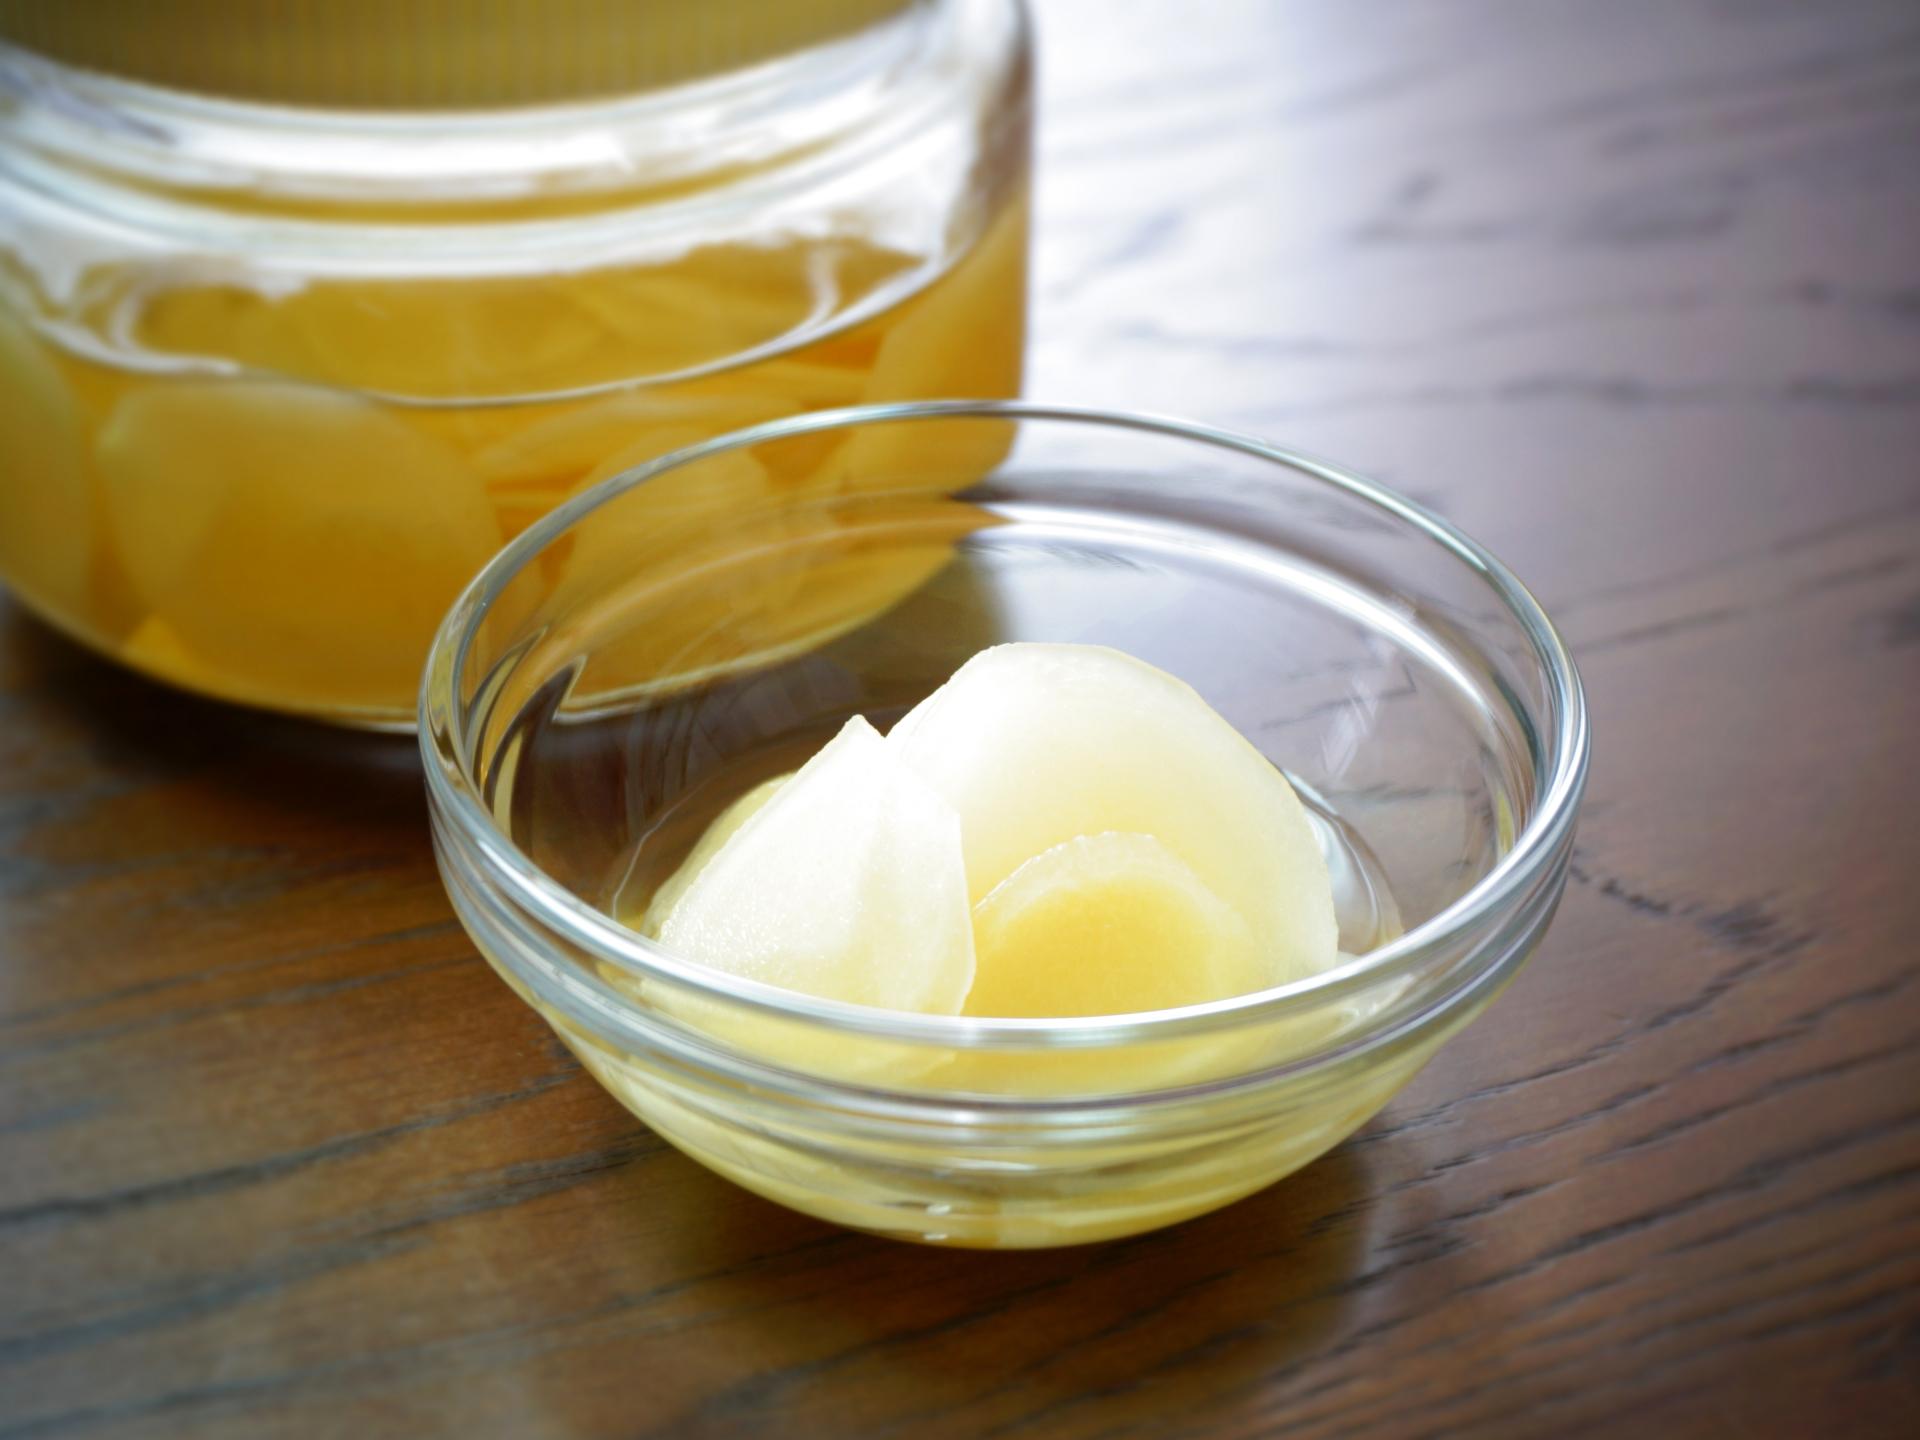 生姜の甘酢漬けの日持ち、賞味期限~常温保管、冷蔵庫での保管、冷凍保存~